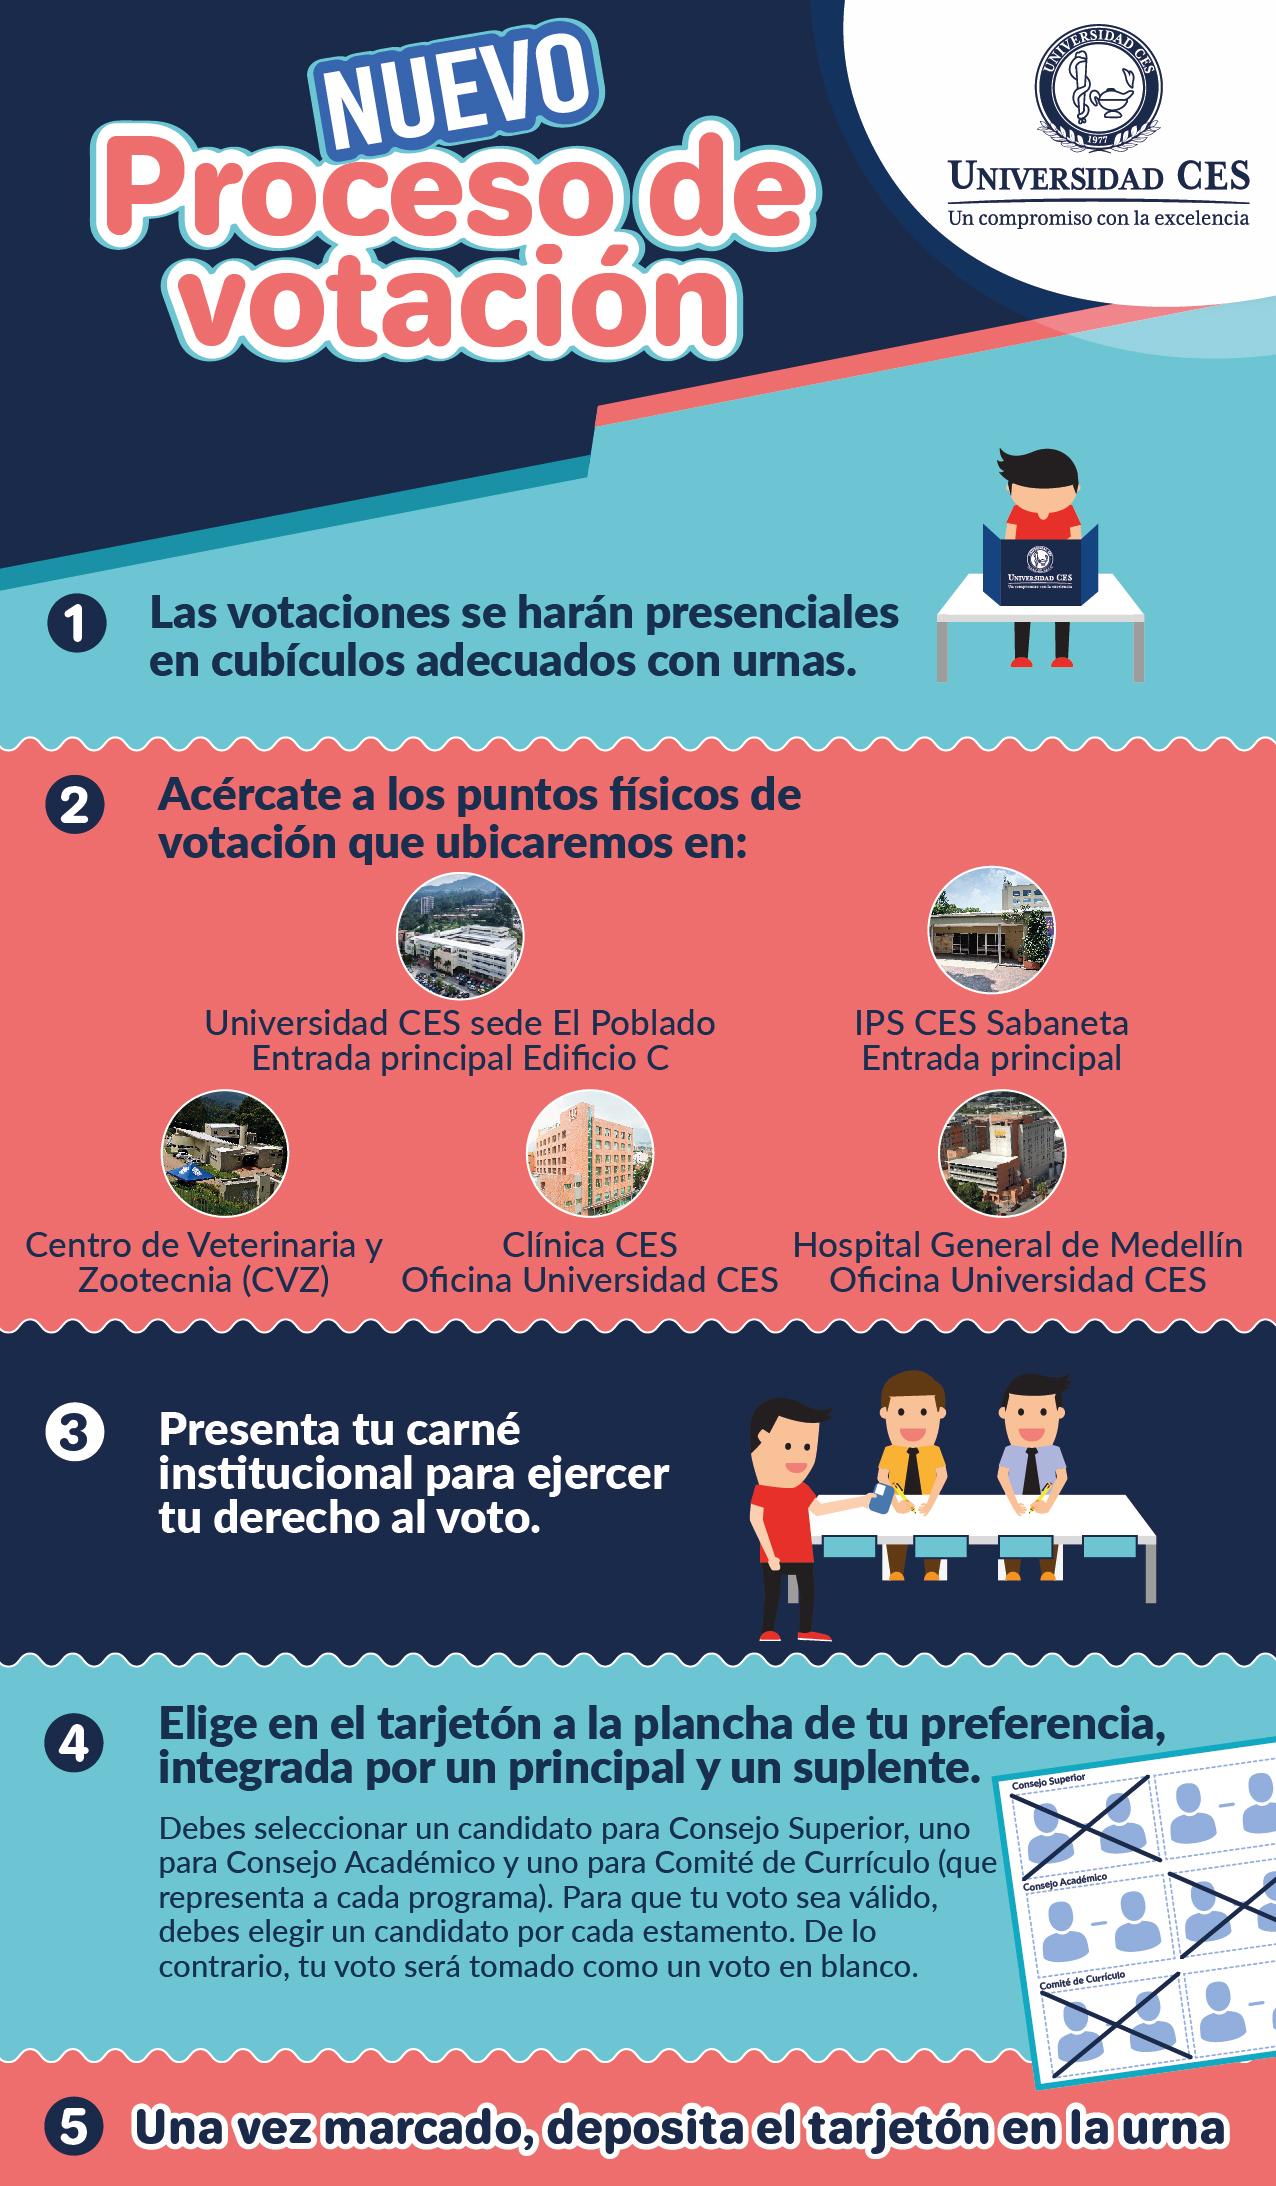 Imagen nuevo proceso de votación - elecciones representantes estudiantiles 2020